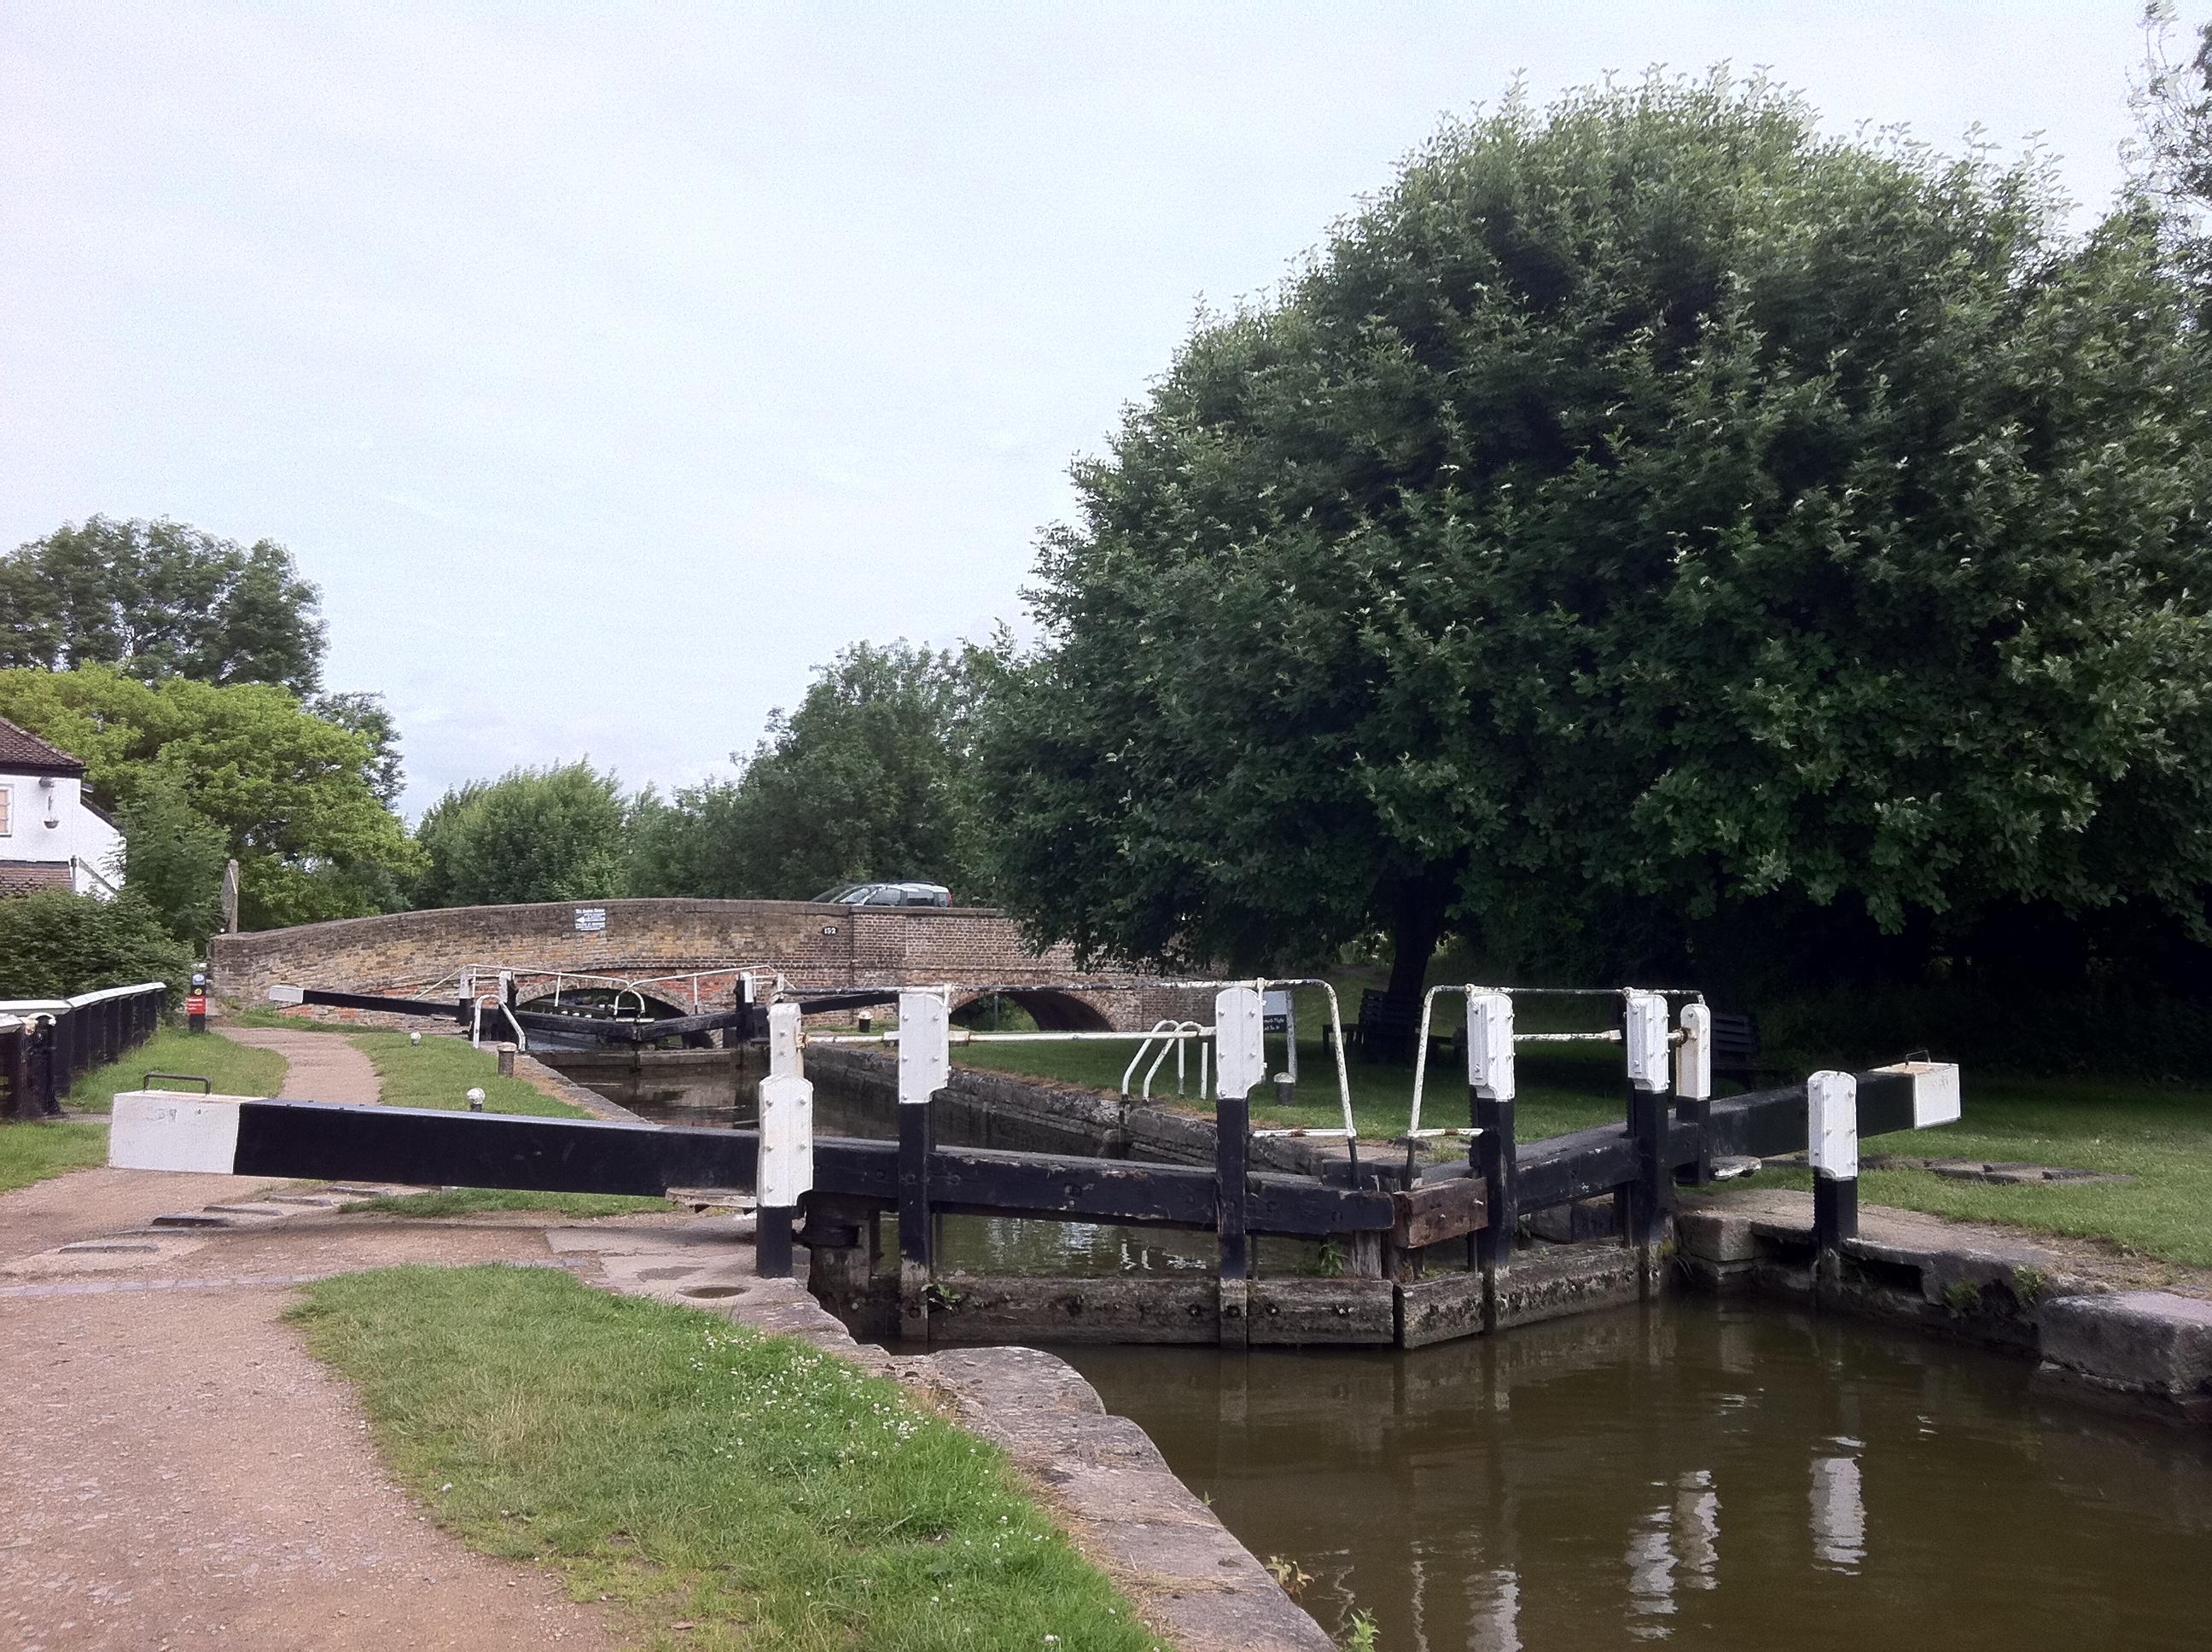 Marsworth Lock 39